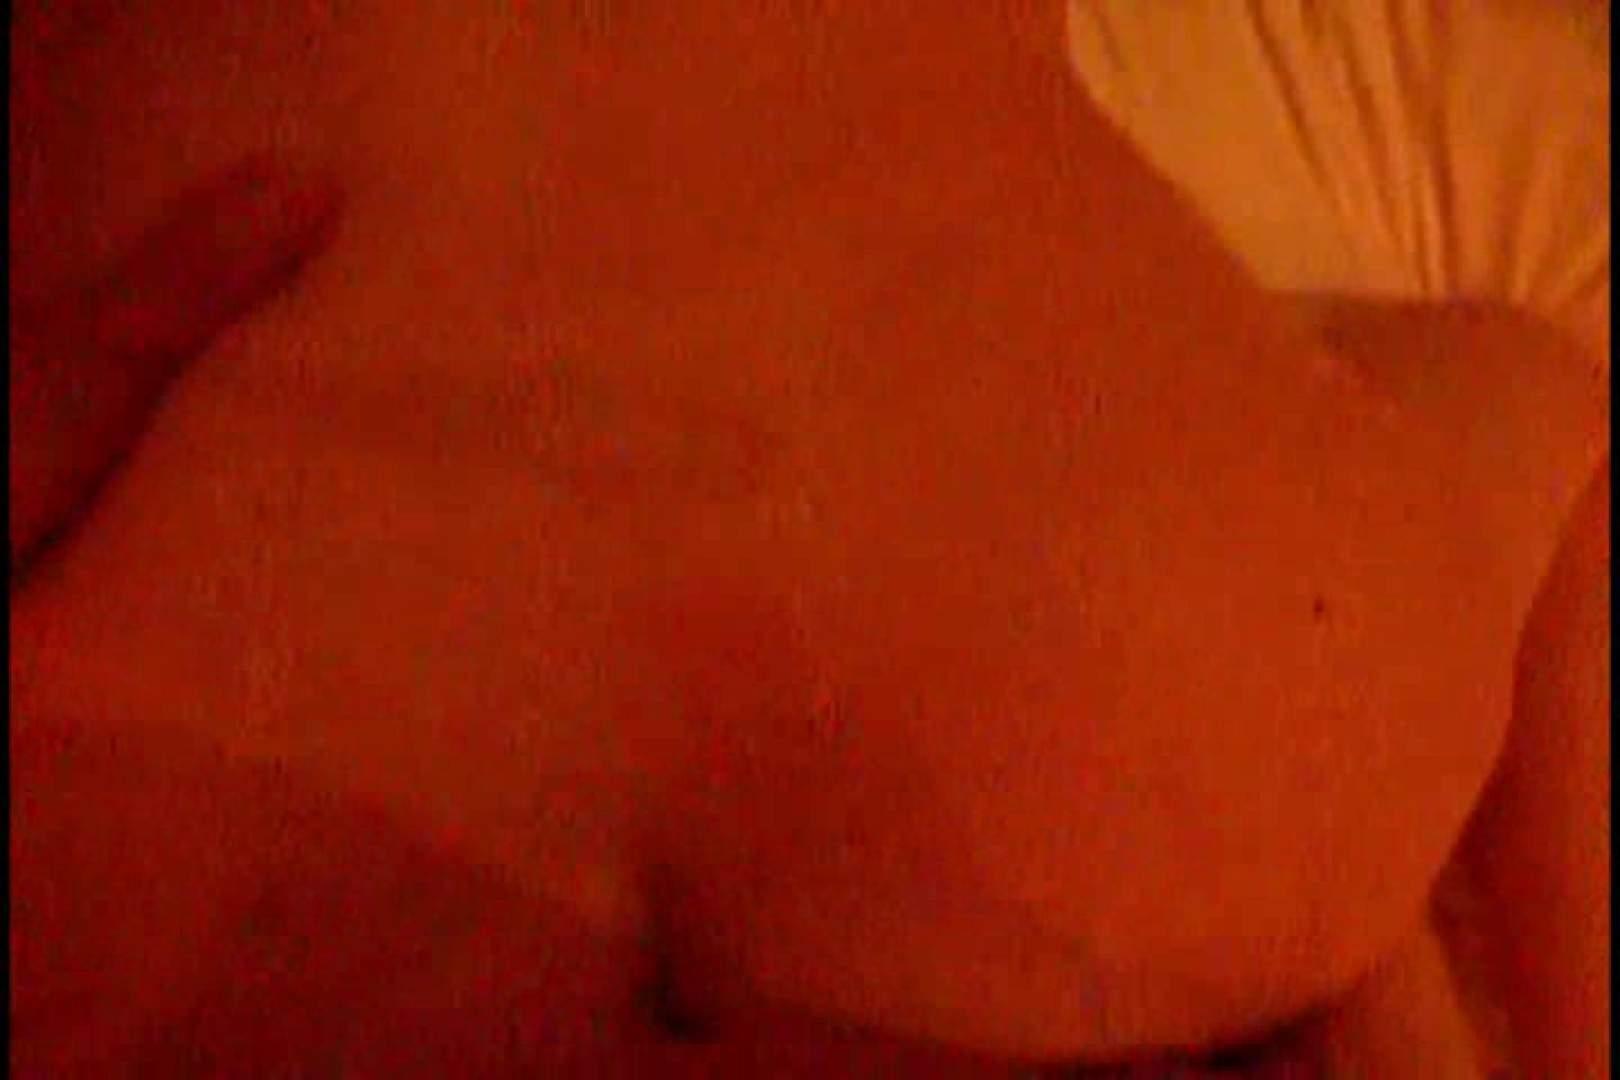 某掲示板に投稿された素人女性たちVOL.9 投稿   ホテル  95連発 67